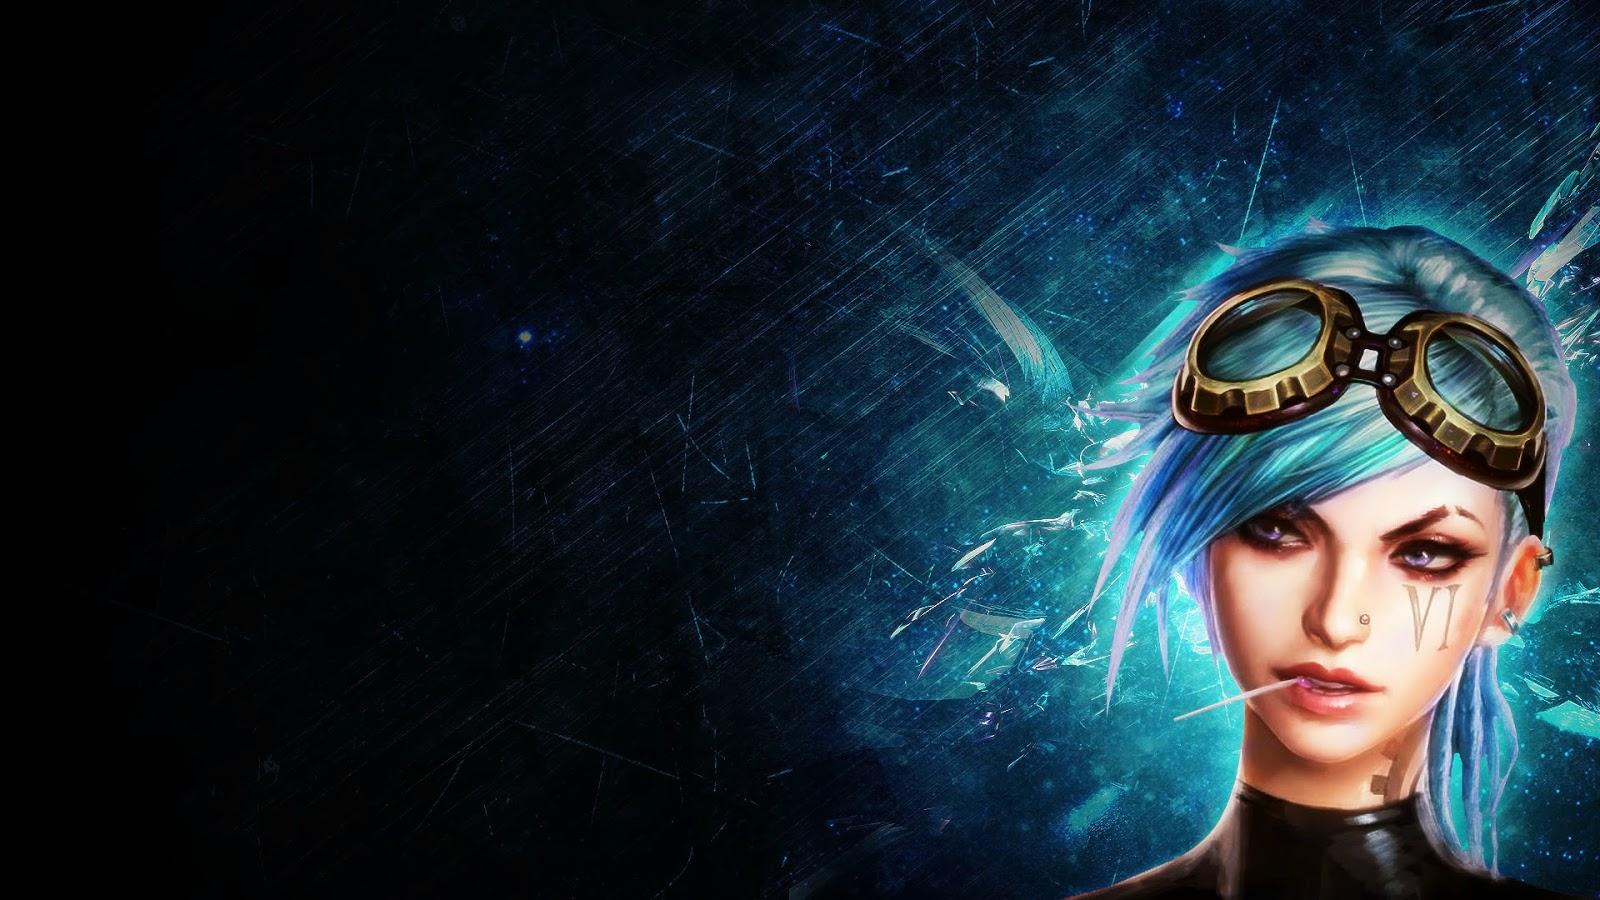 Vi League of Legends Wallpaper, Vi Desktop Wallpaper